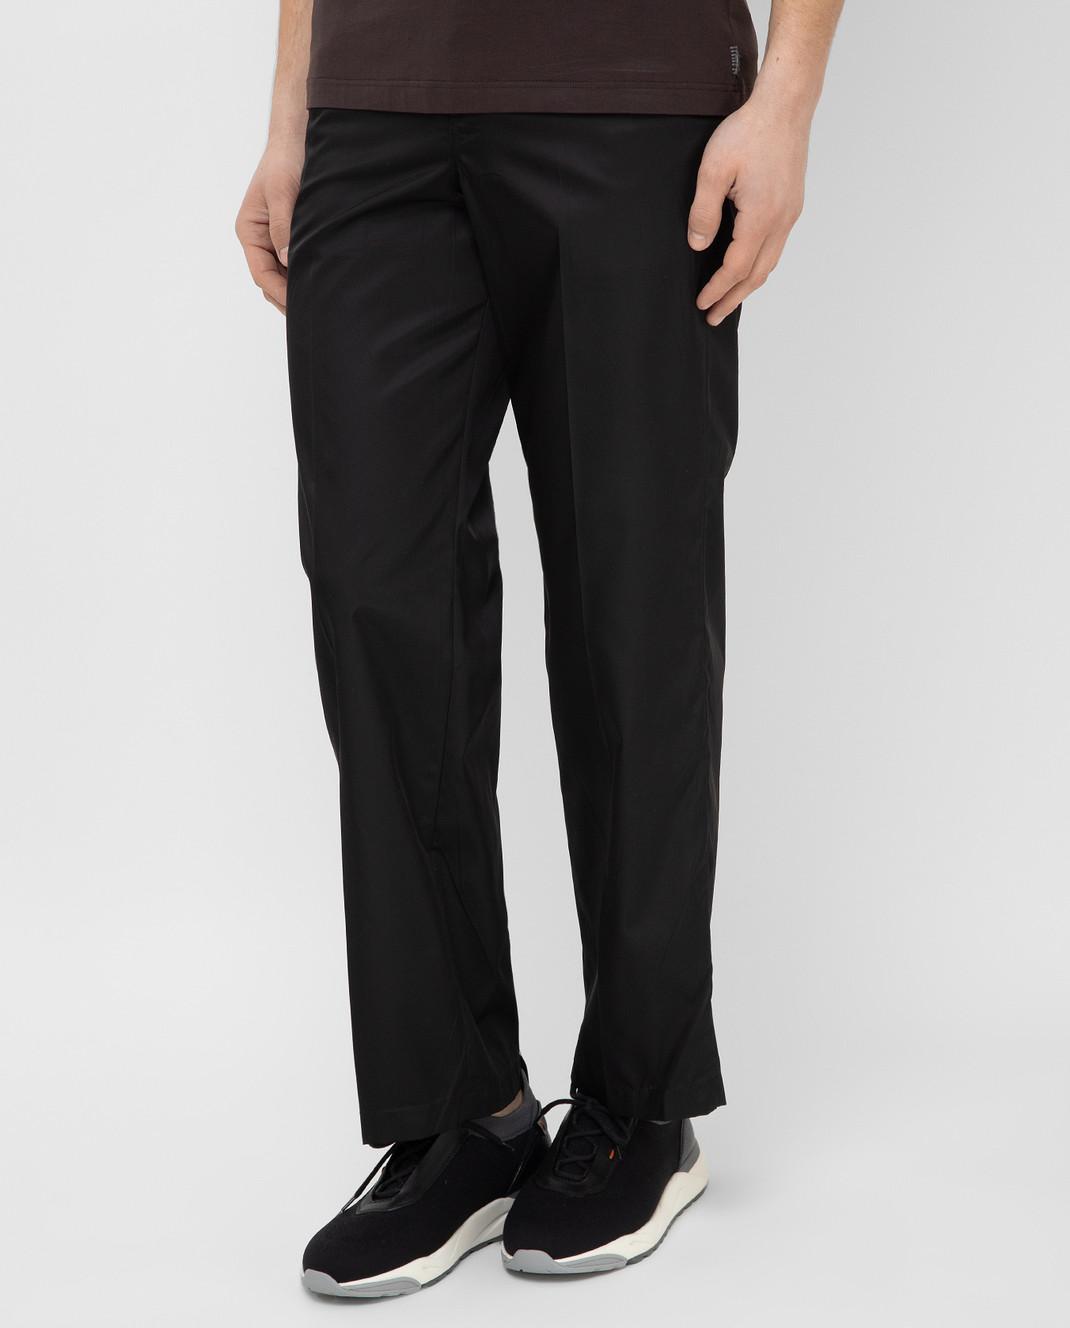 Prada Sport Черные брюки SPG30I18 изображение 3